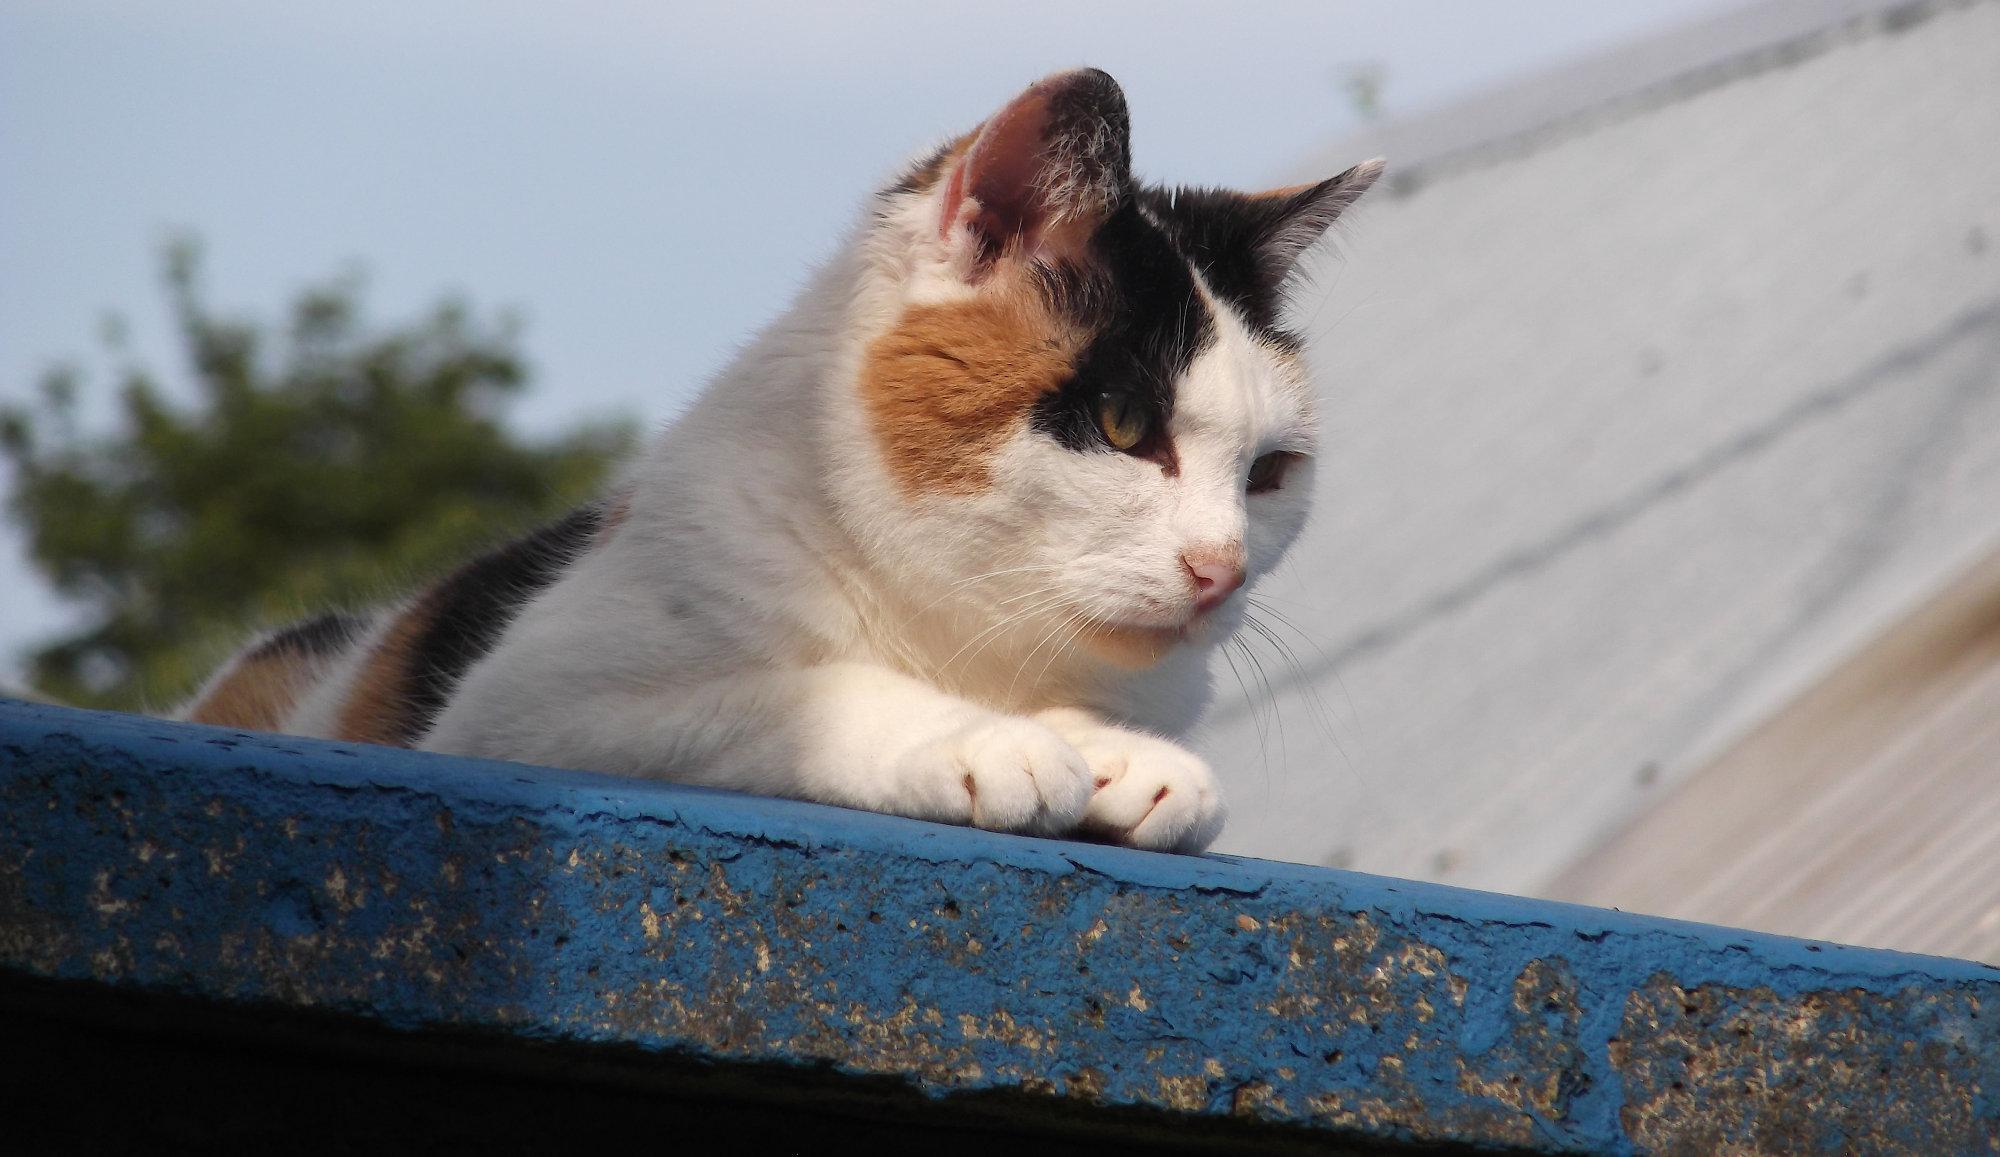 Neighbour's pet